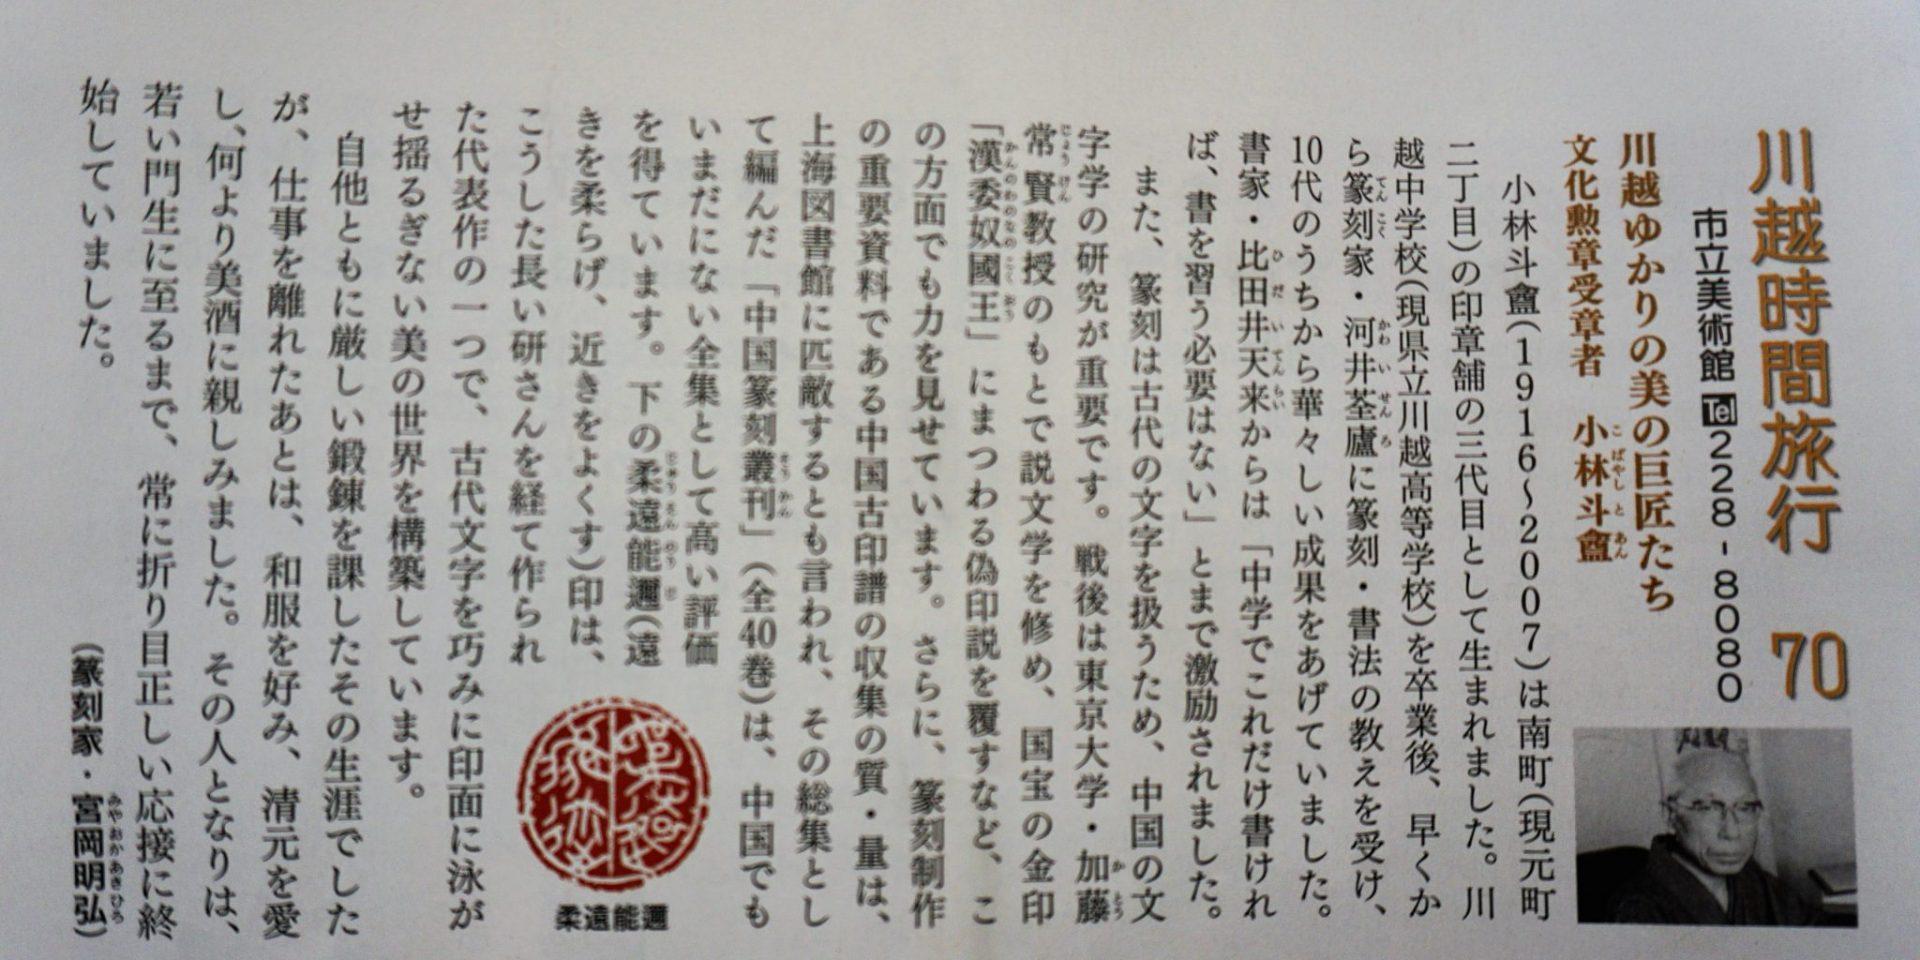 埼玉県立川越高等学校 同窓会 | 美の巨匠 小林 斗盦氏